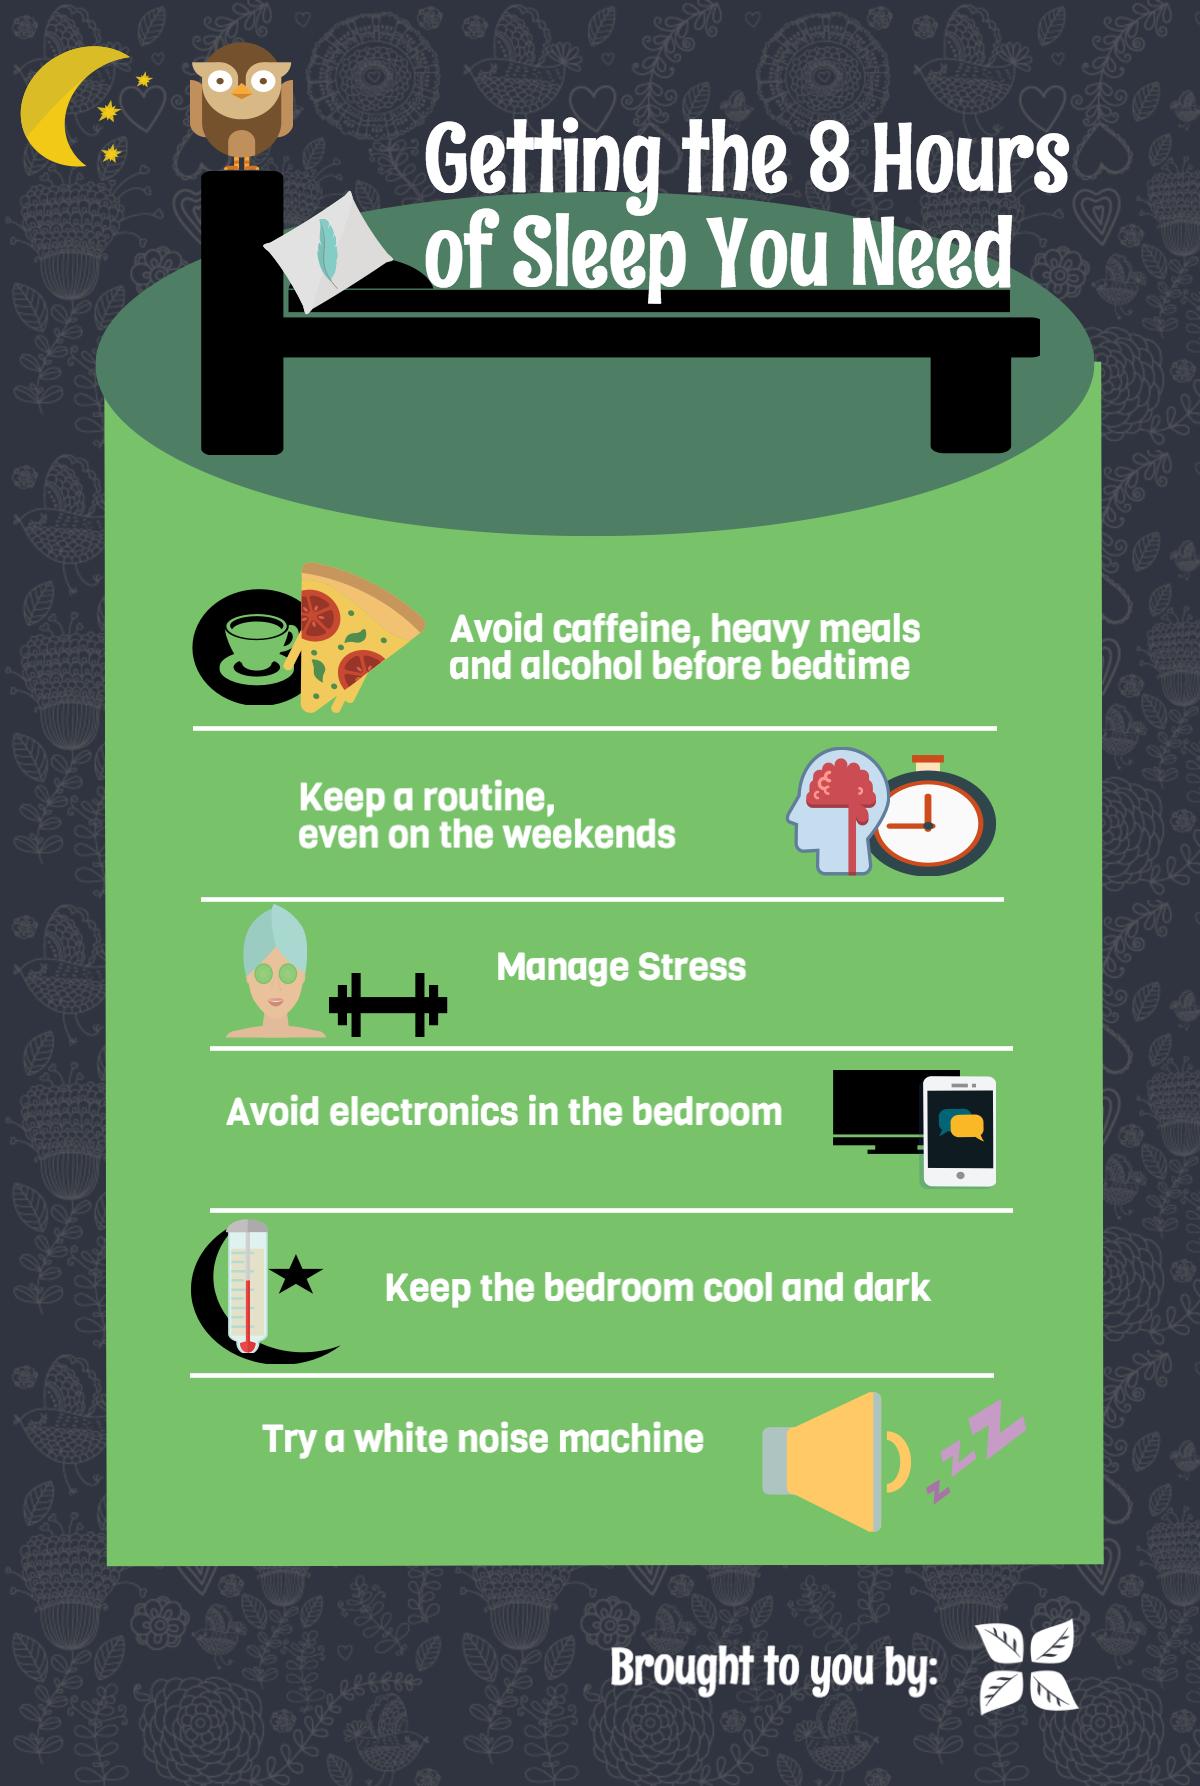 Getting the 8 hours of sleep you need: - tips